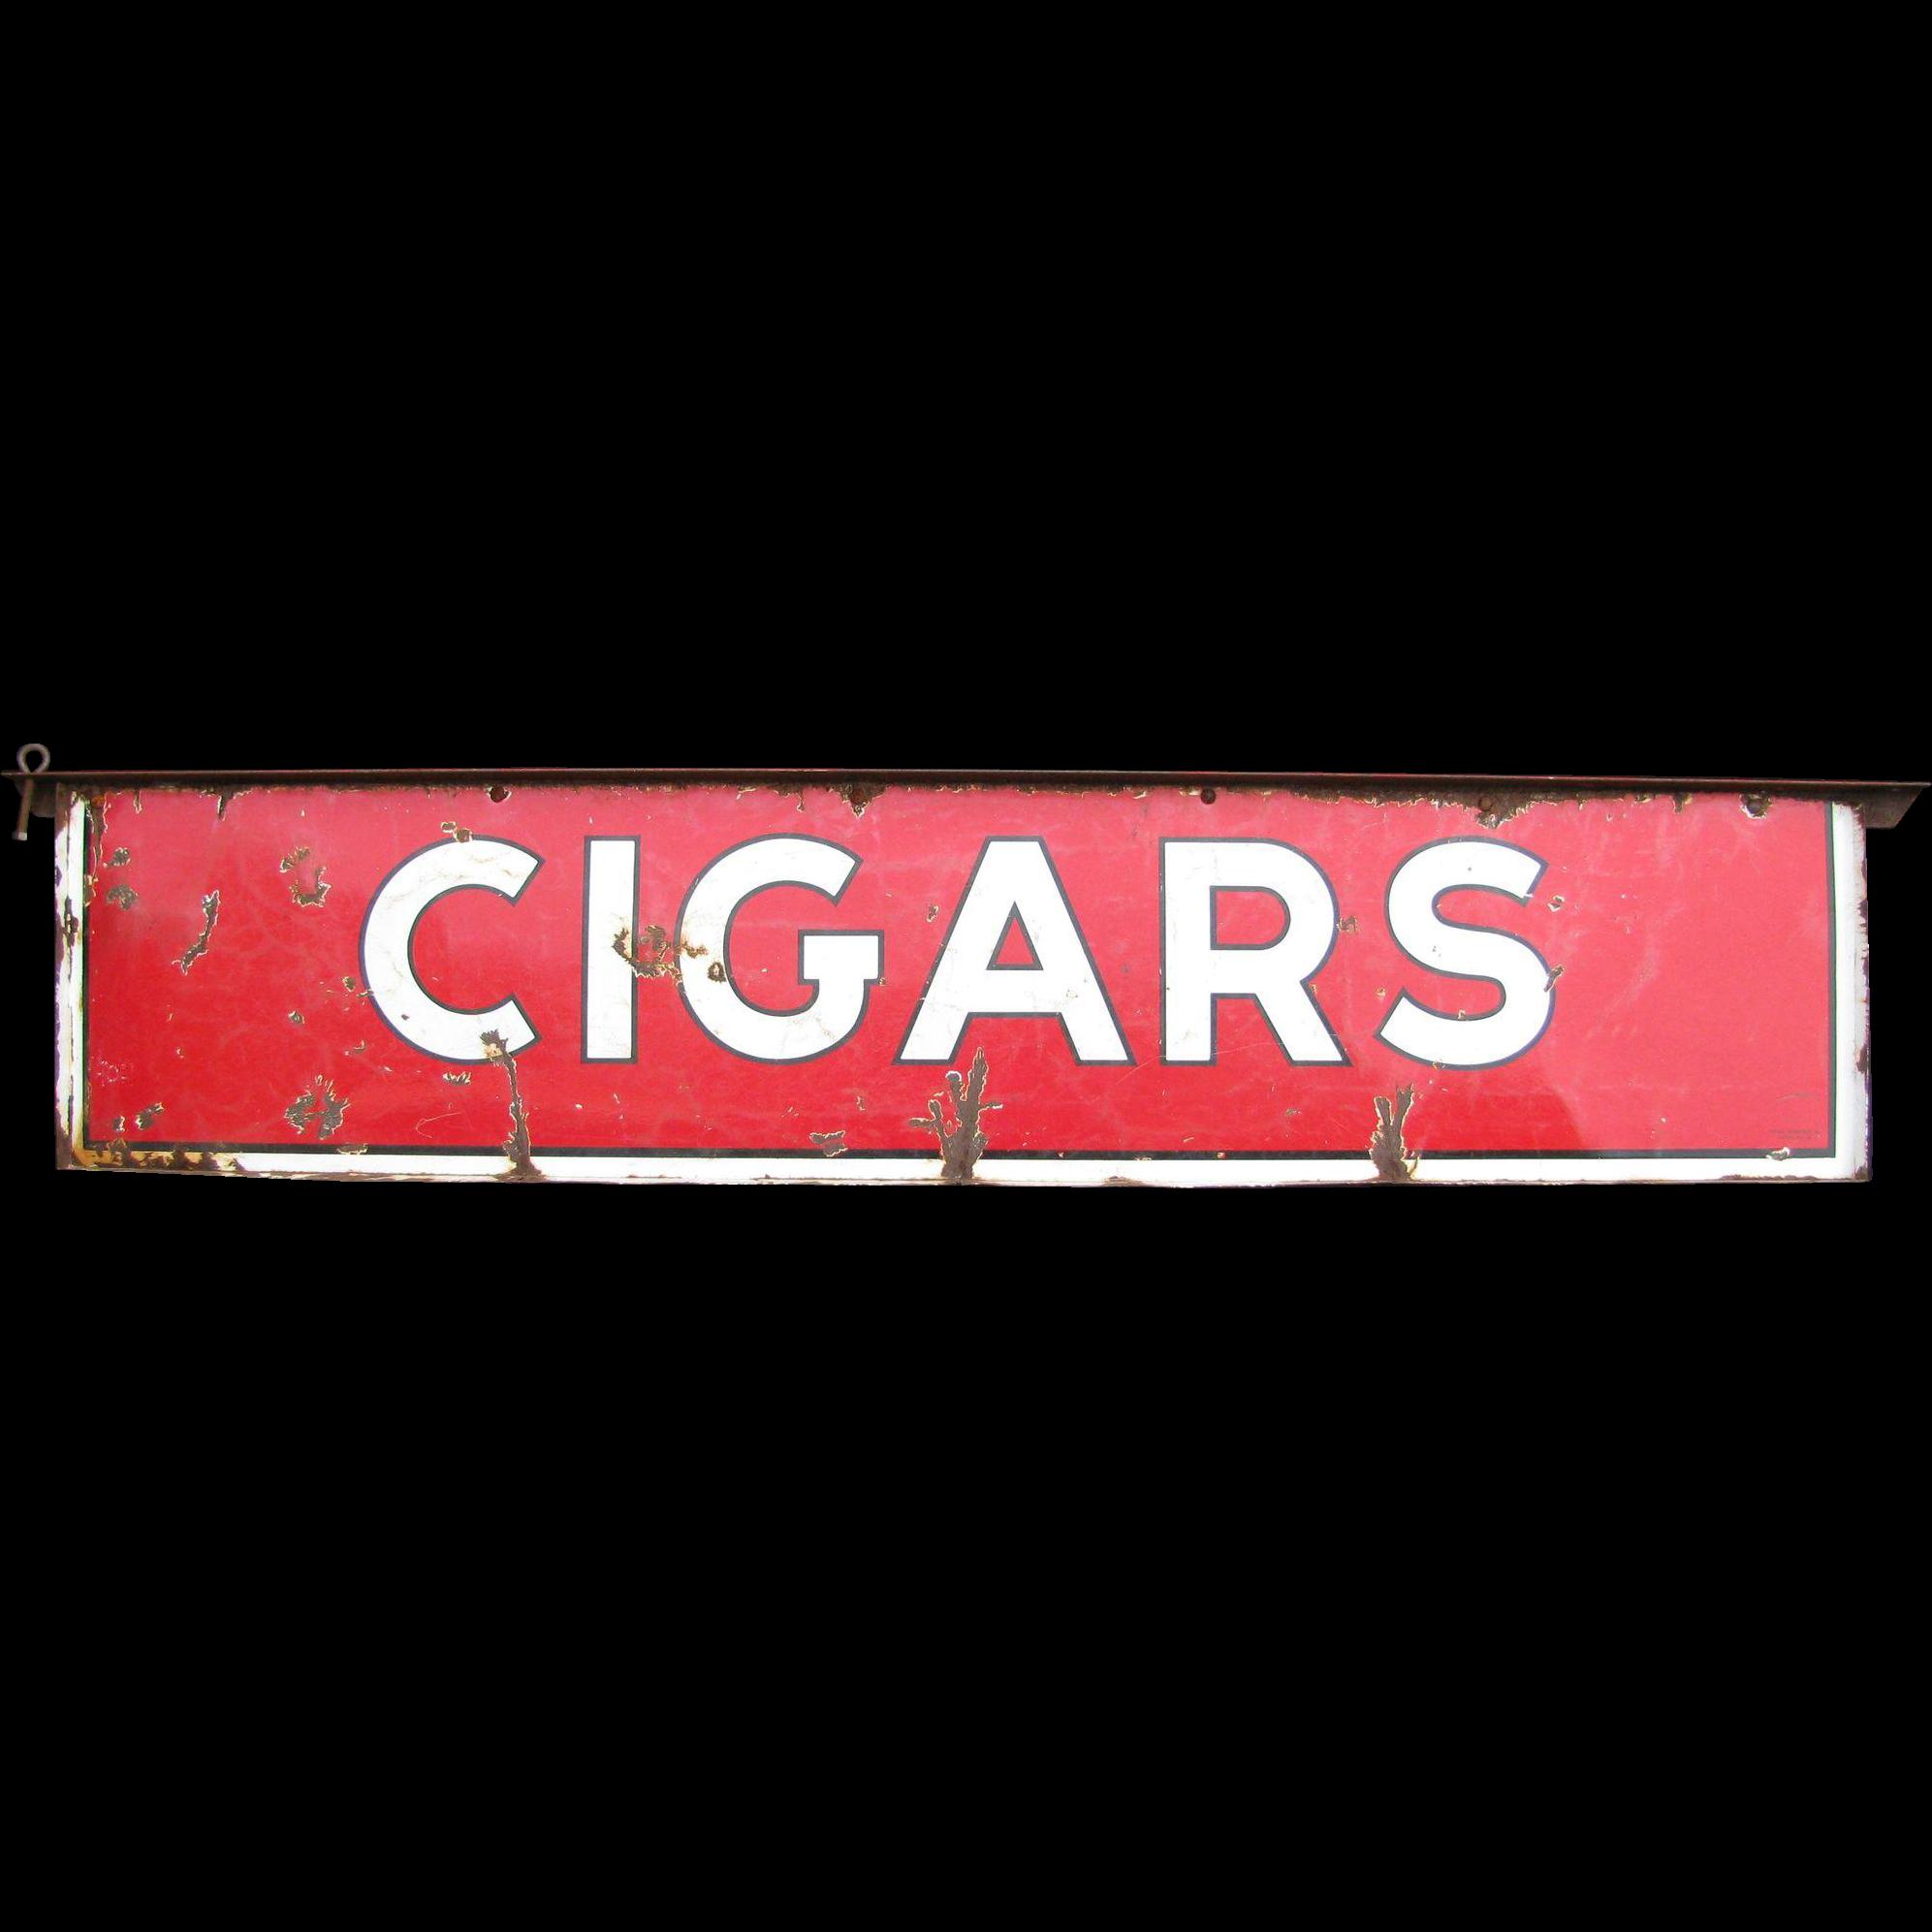 Vintage Porcelain Metal 2 Sided Cigars Sign